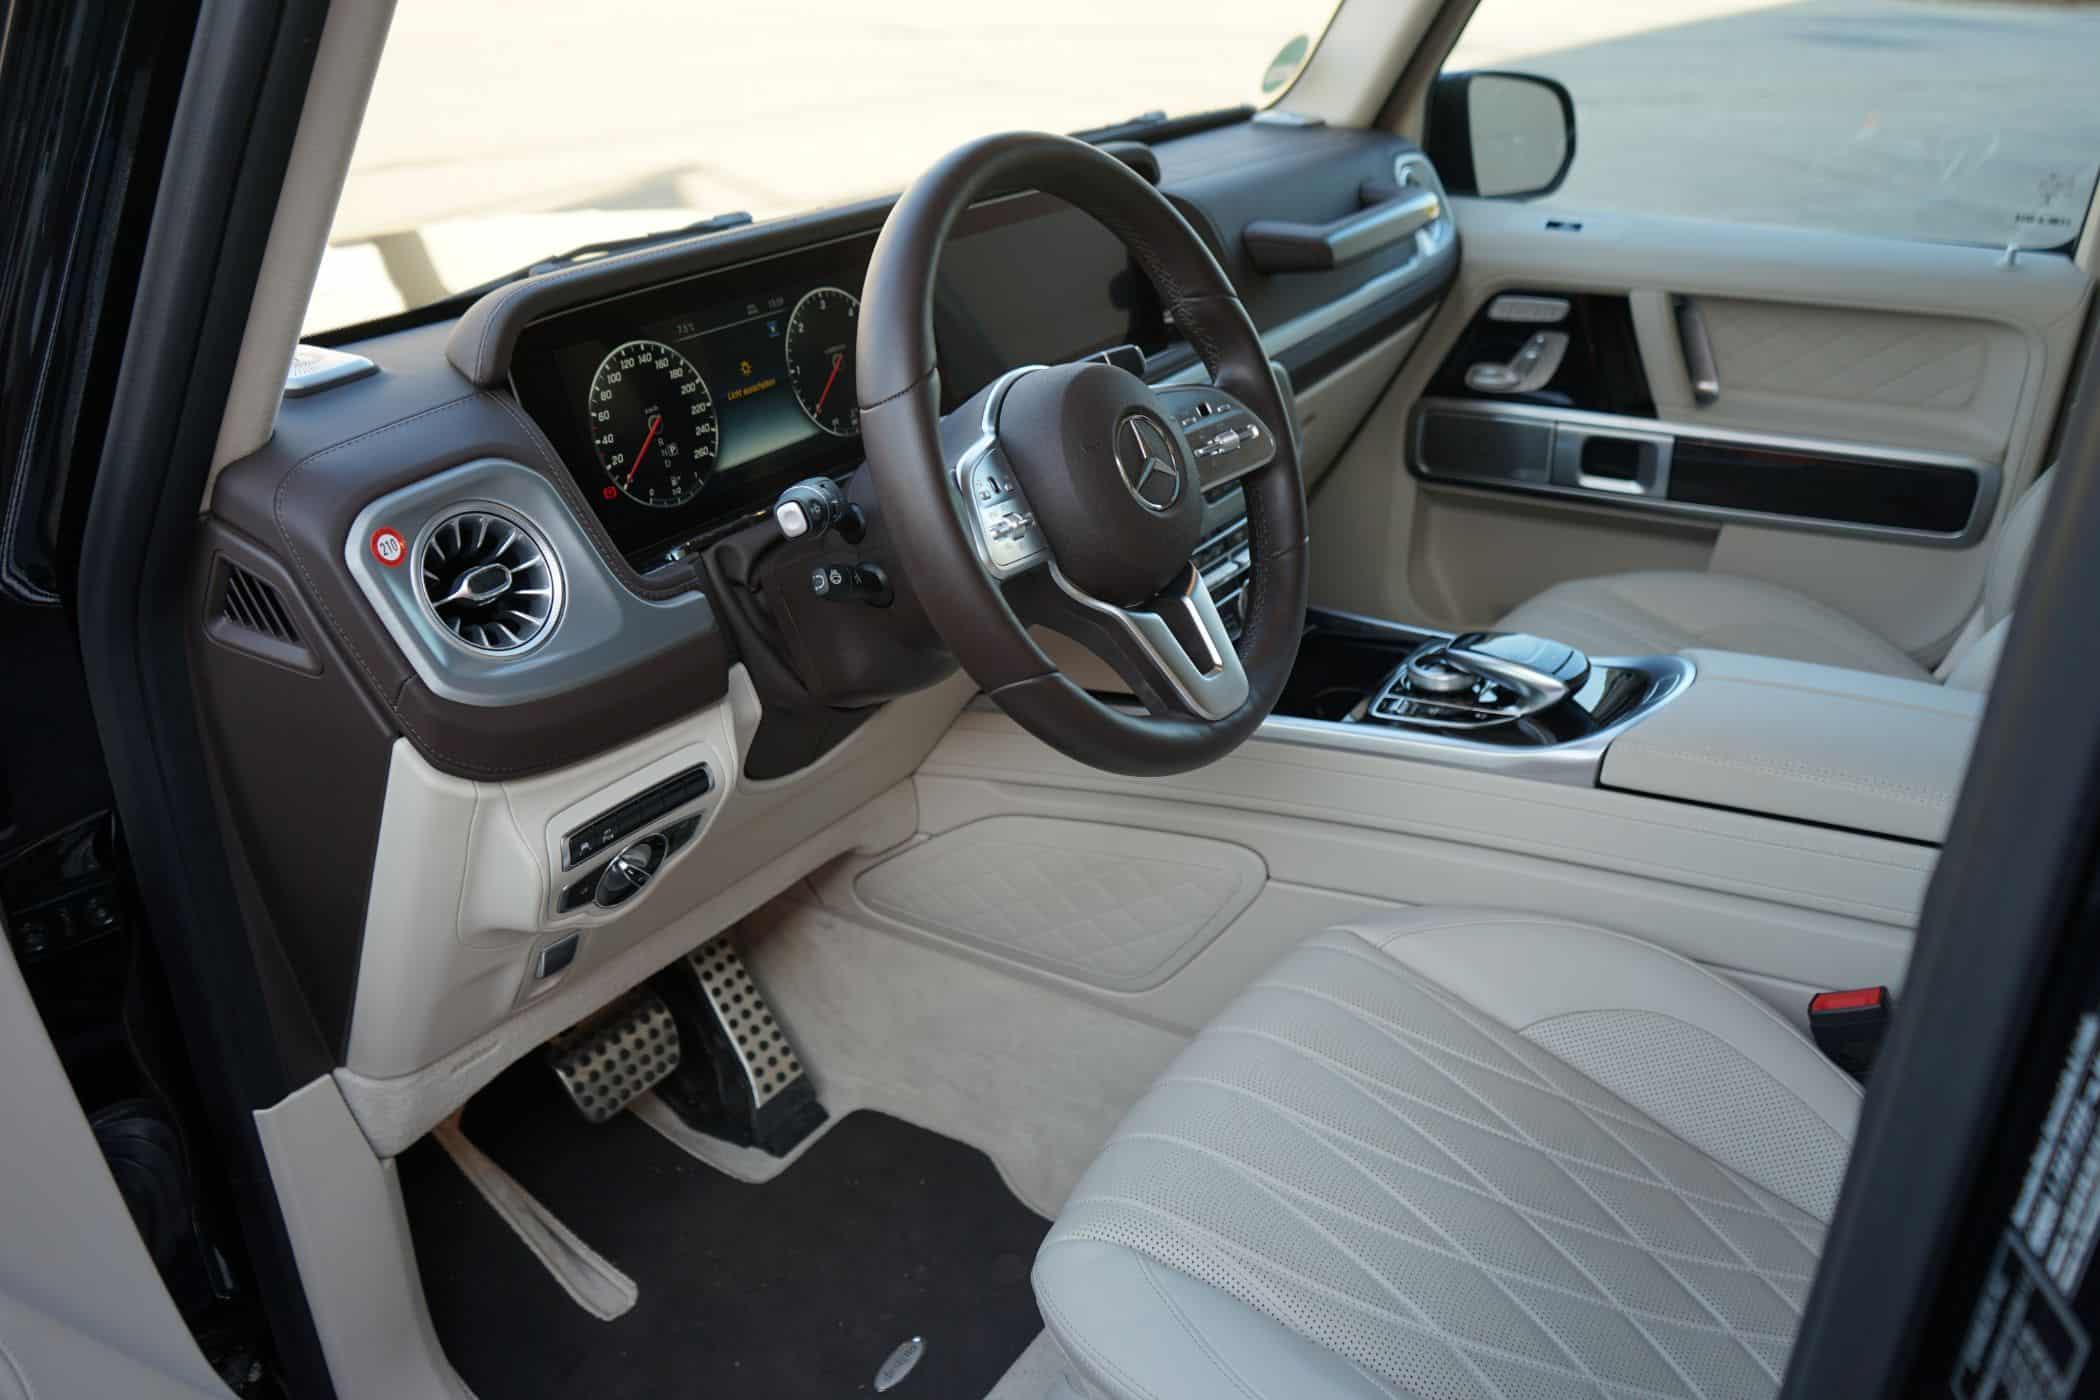 Mercedes G-350 Diesel: Luxus-Hardcore-SUV